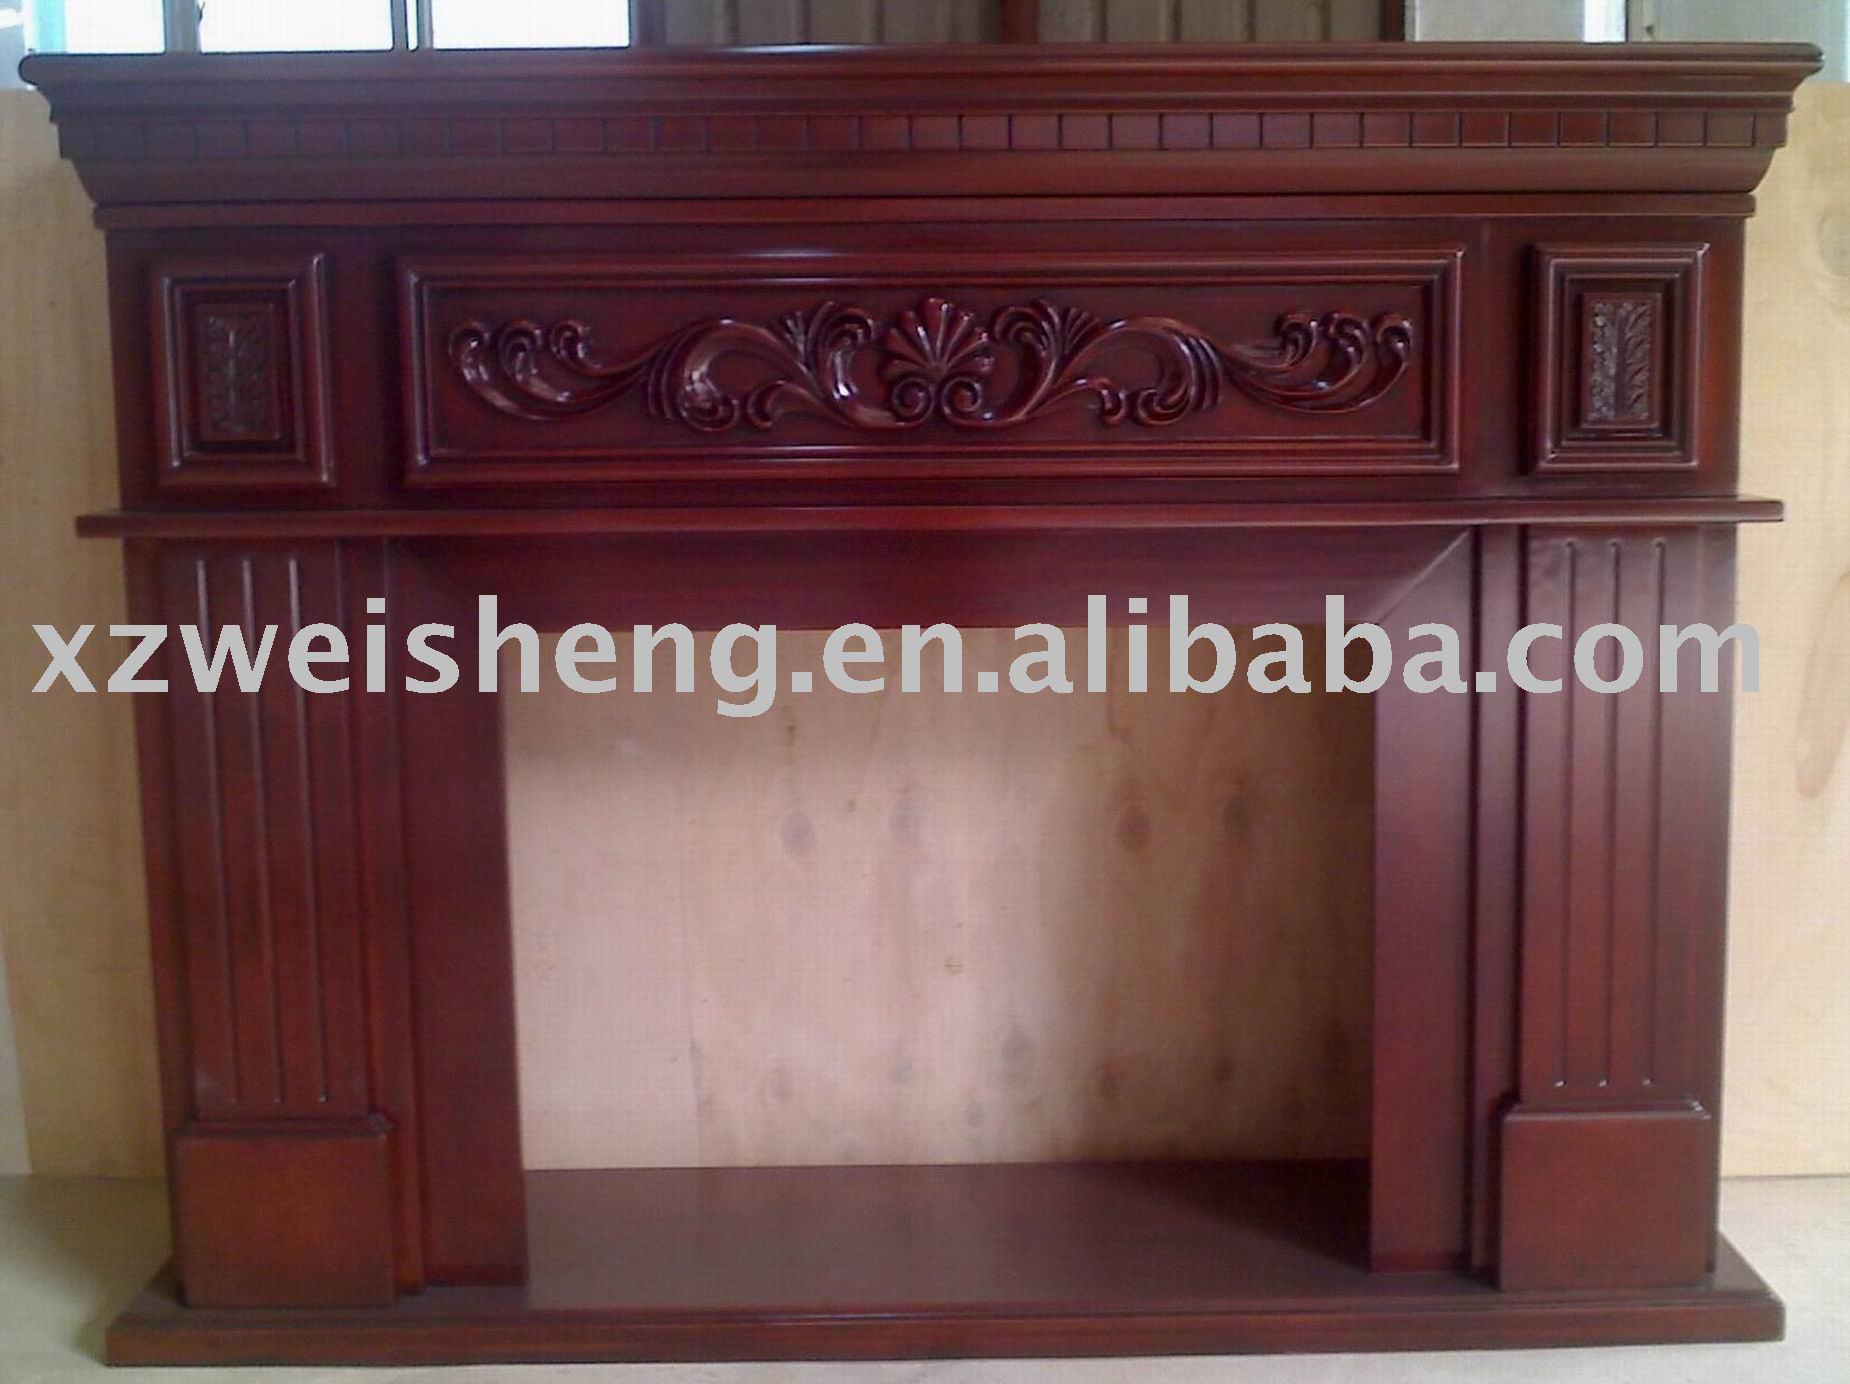 Repisa de la chimenea de madera chimeneas identificaci n for Chimeneas de madera